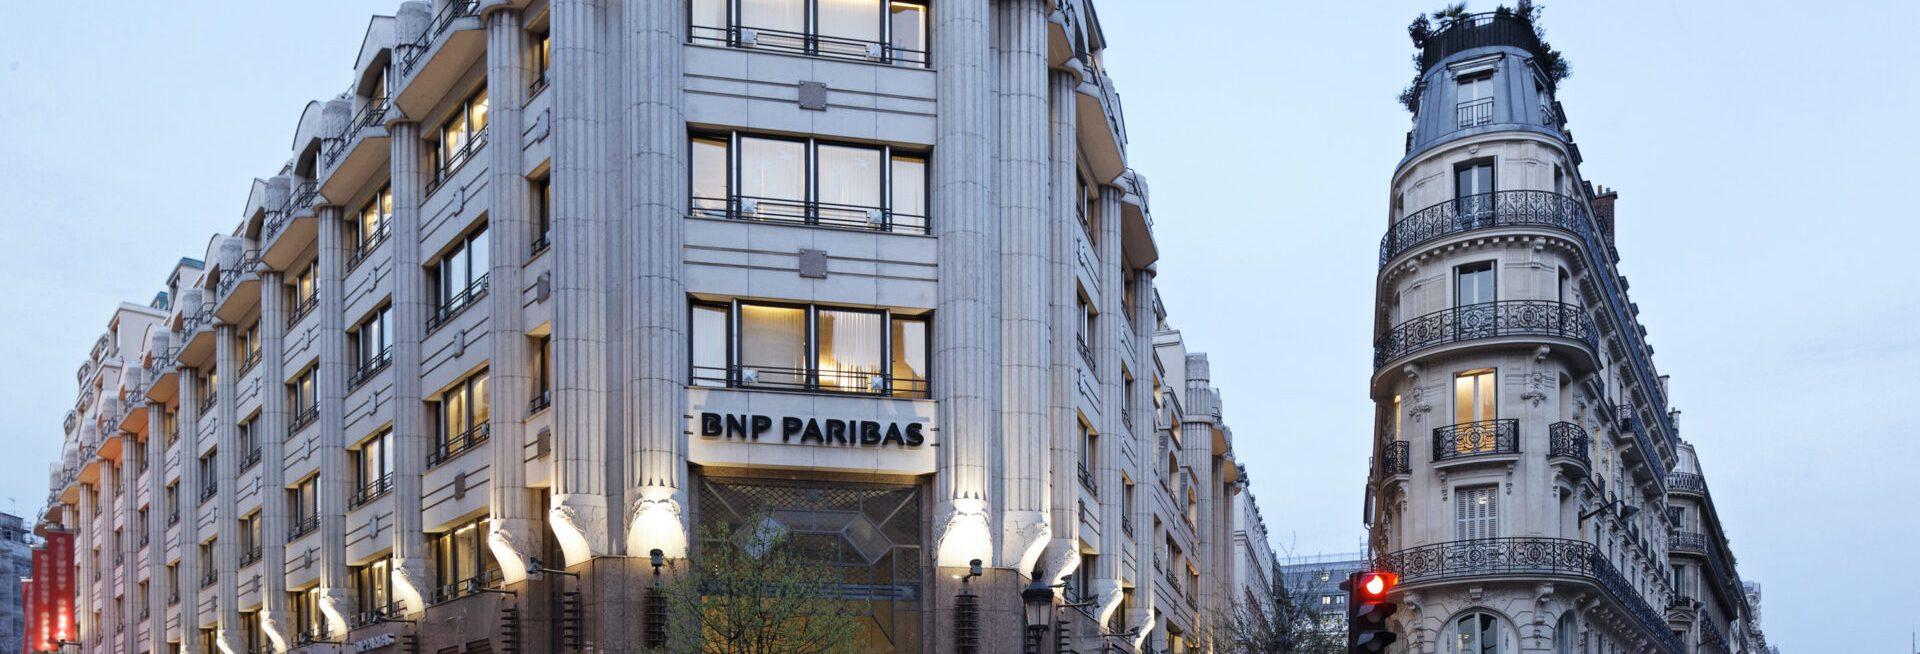 Photo of BNP Paribas Paris building